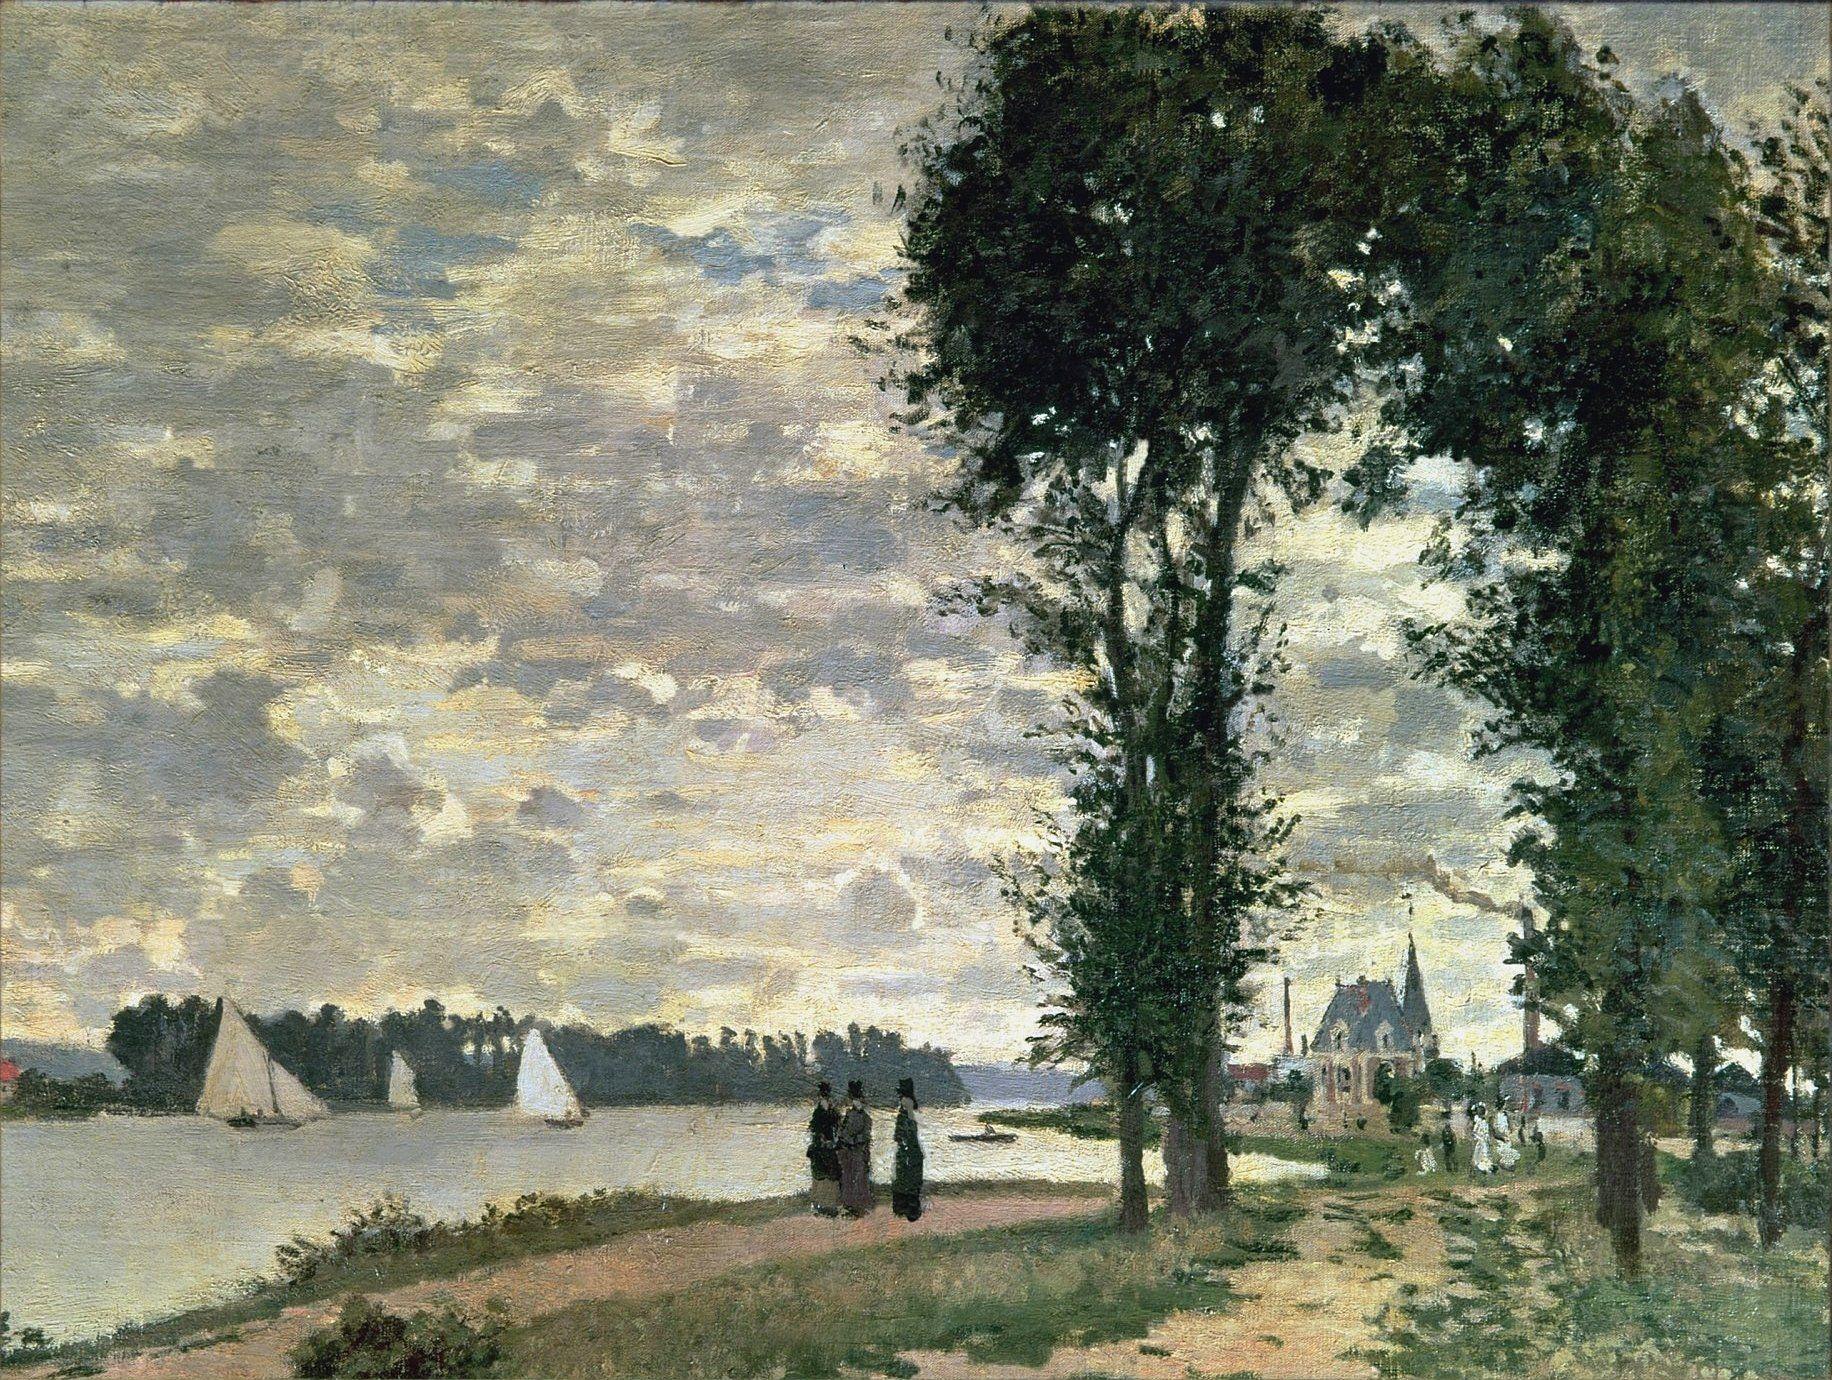 речной пейзаж < Берега Сены, Аржантёй >:: Клод Моне, описание картины - Моне Клод (Claude Monet) фото